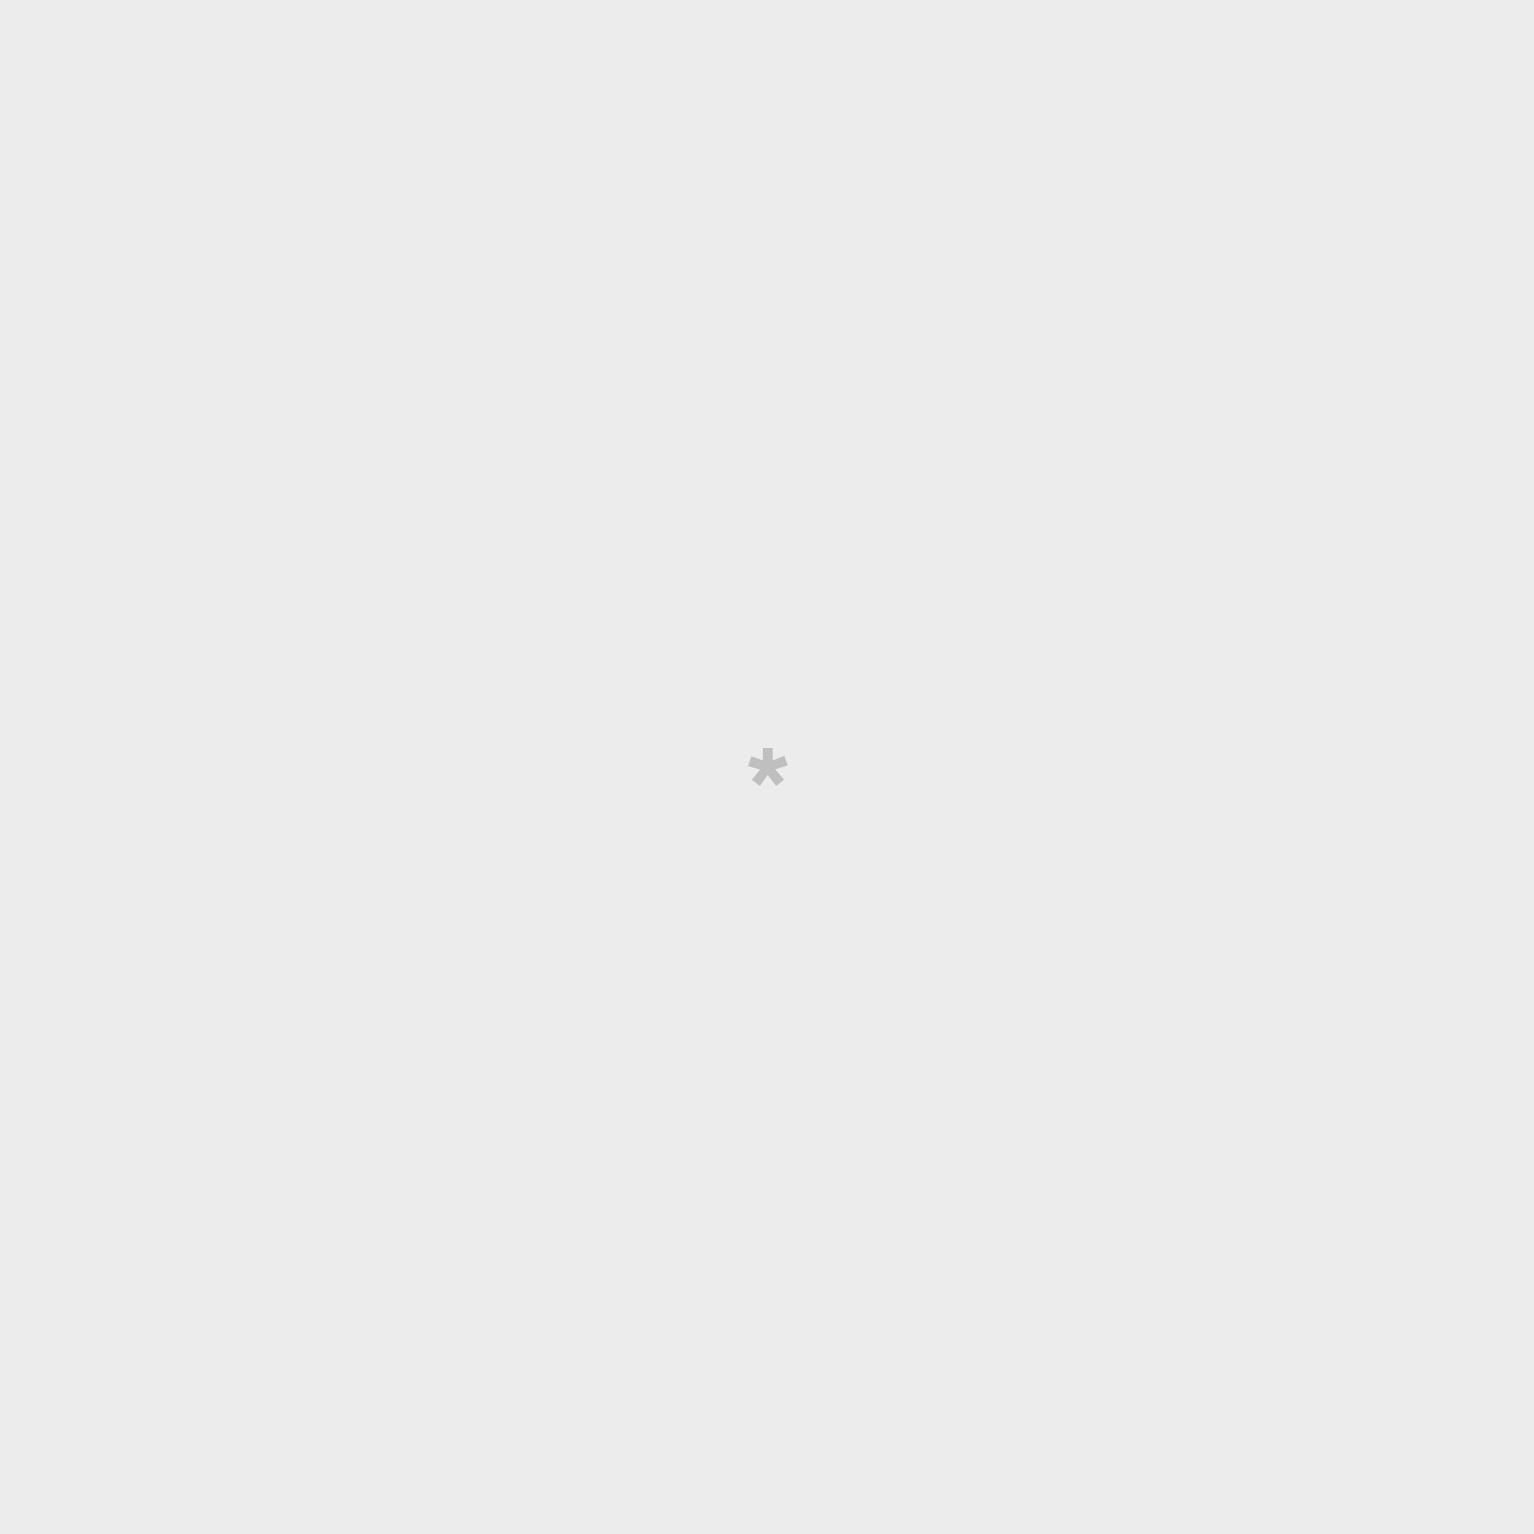 Conjunto de escrita - Muito por escrever